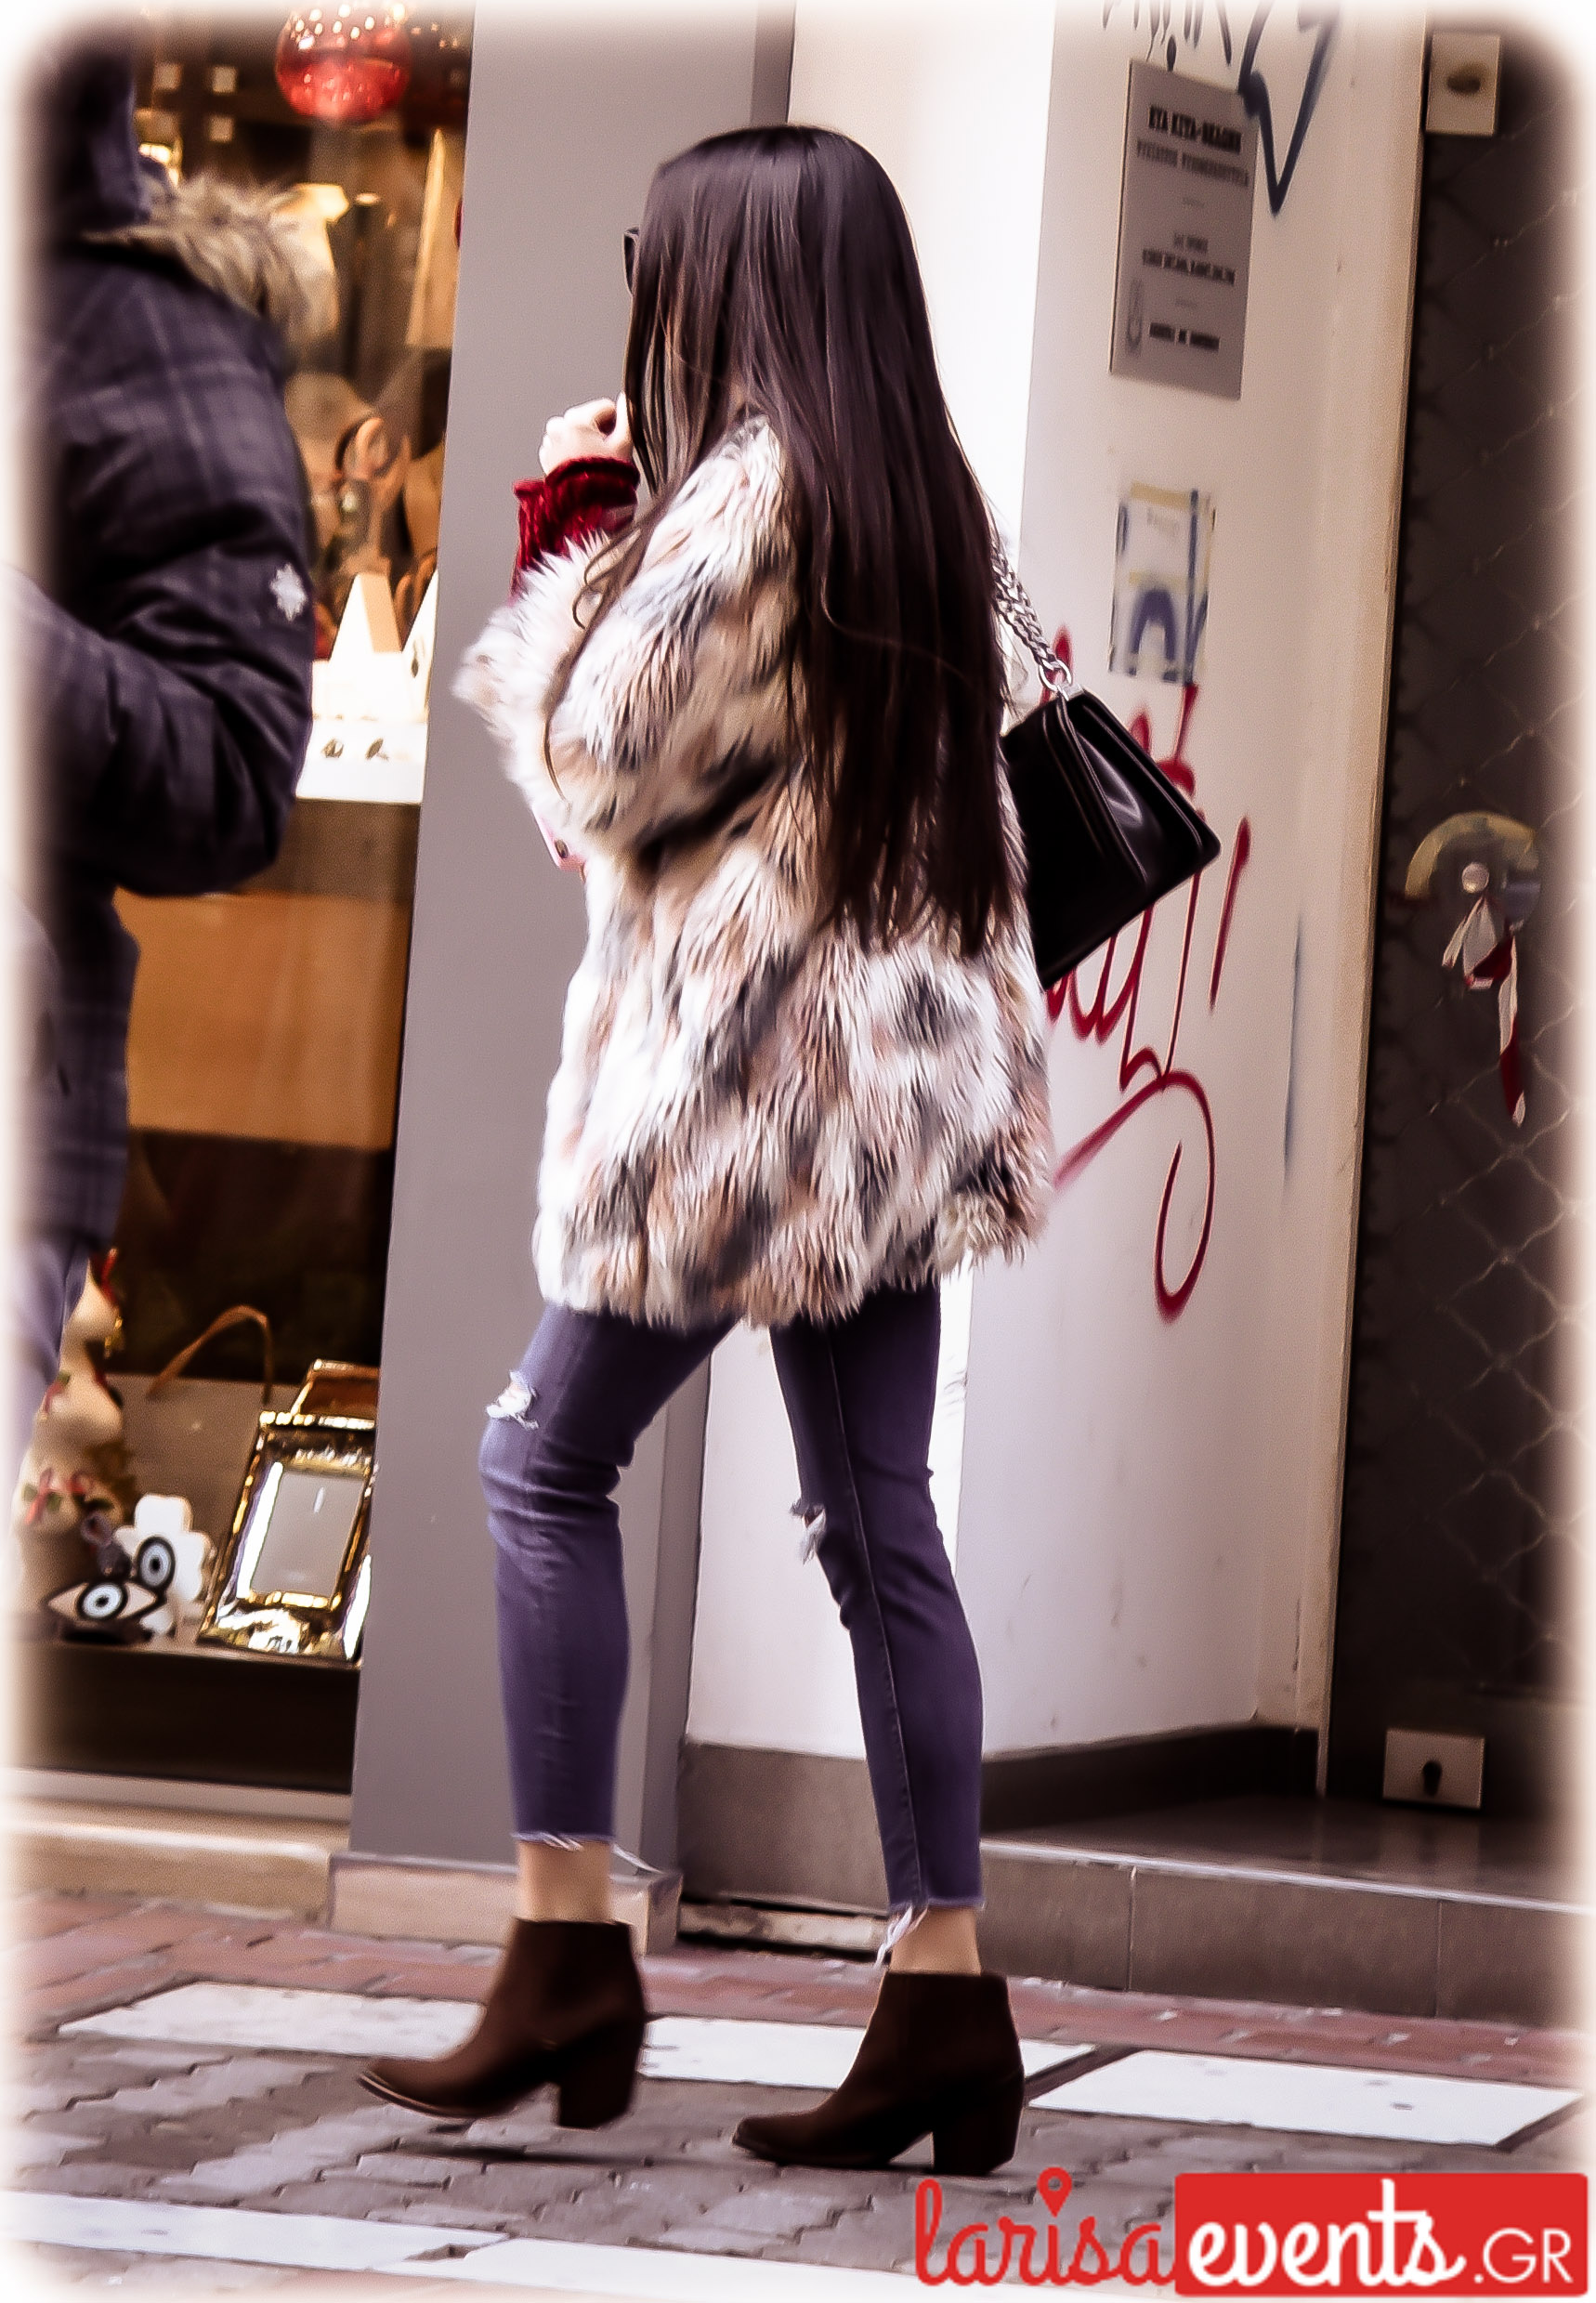 LAZ 4861 - Το fashion κομμάτι που προτίμησαν περισσότερο απ' όλα οι Λαρισαίες φέτος!